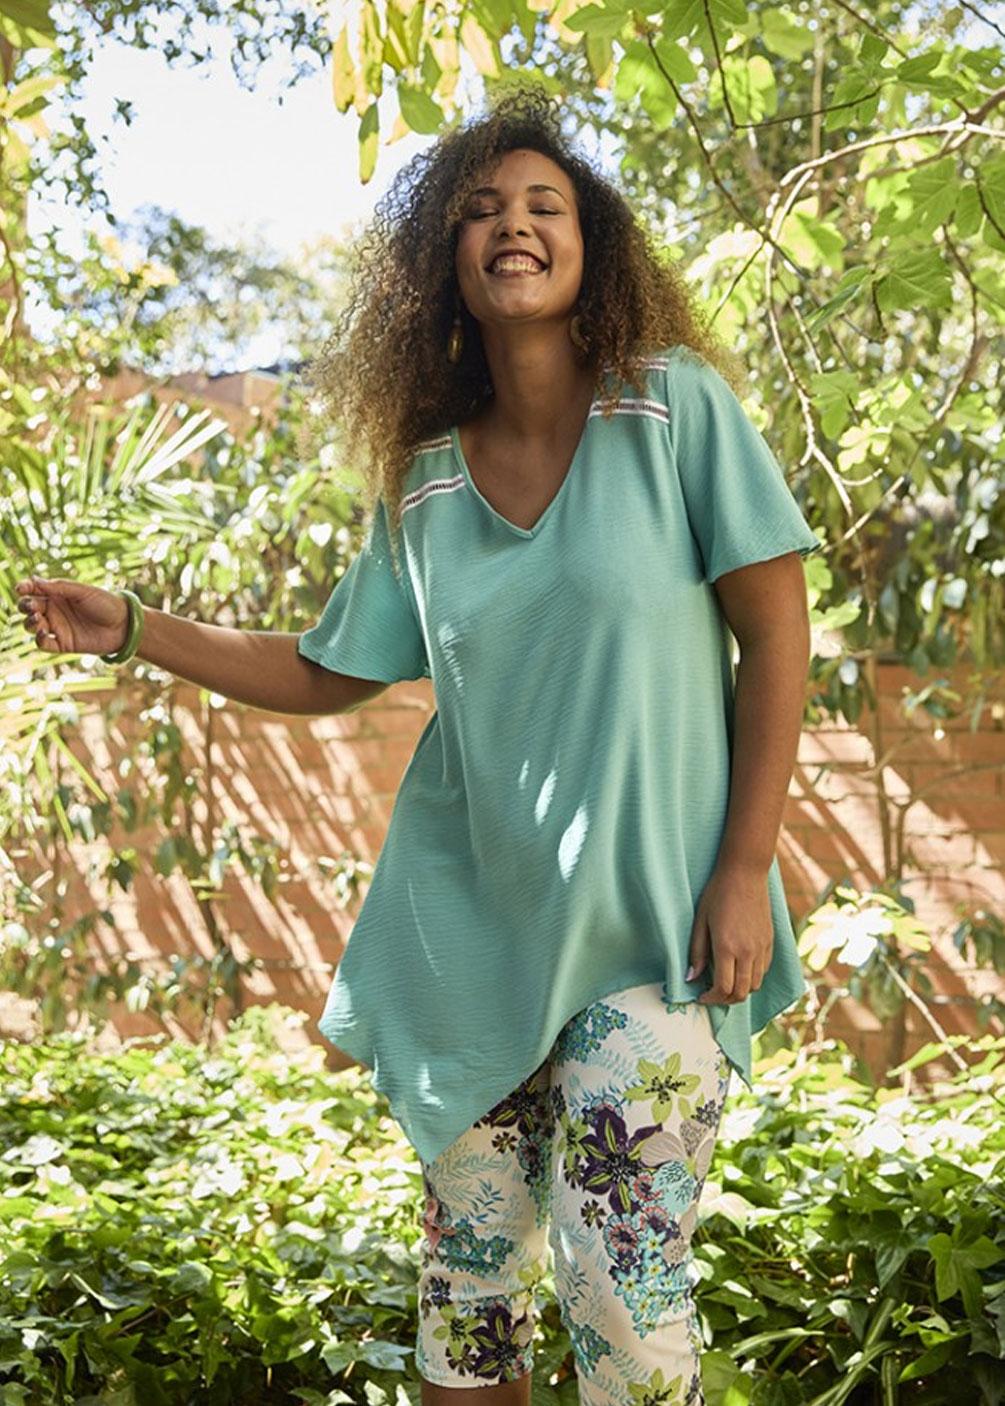 Túnica blusa verano comoda ligera tallas grandes curvy model